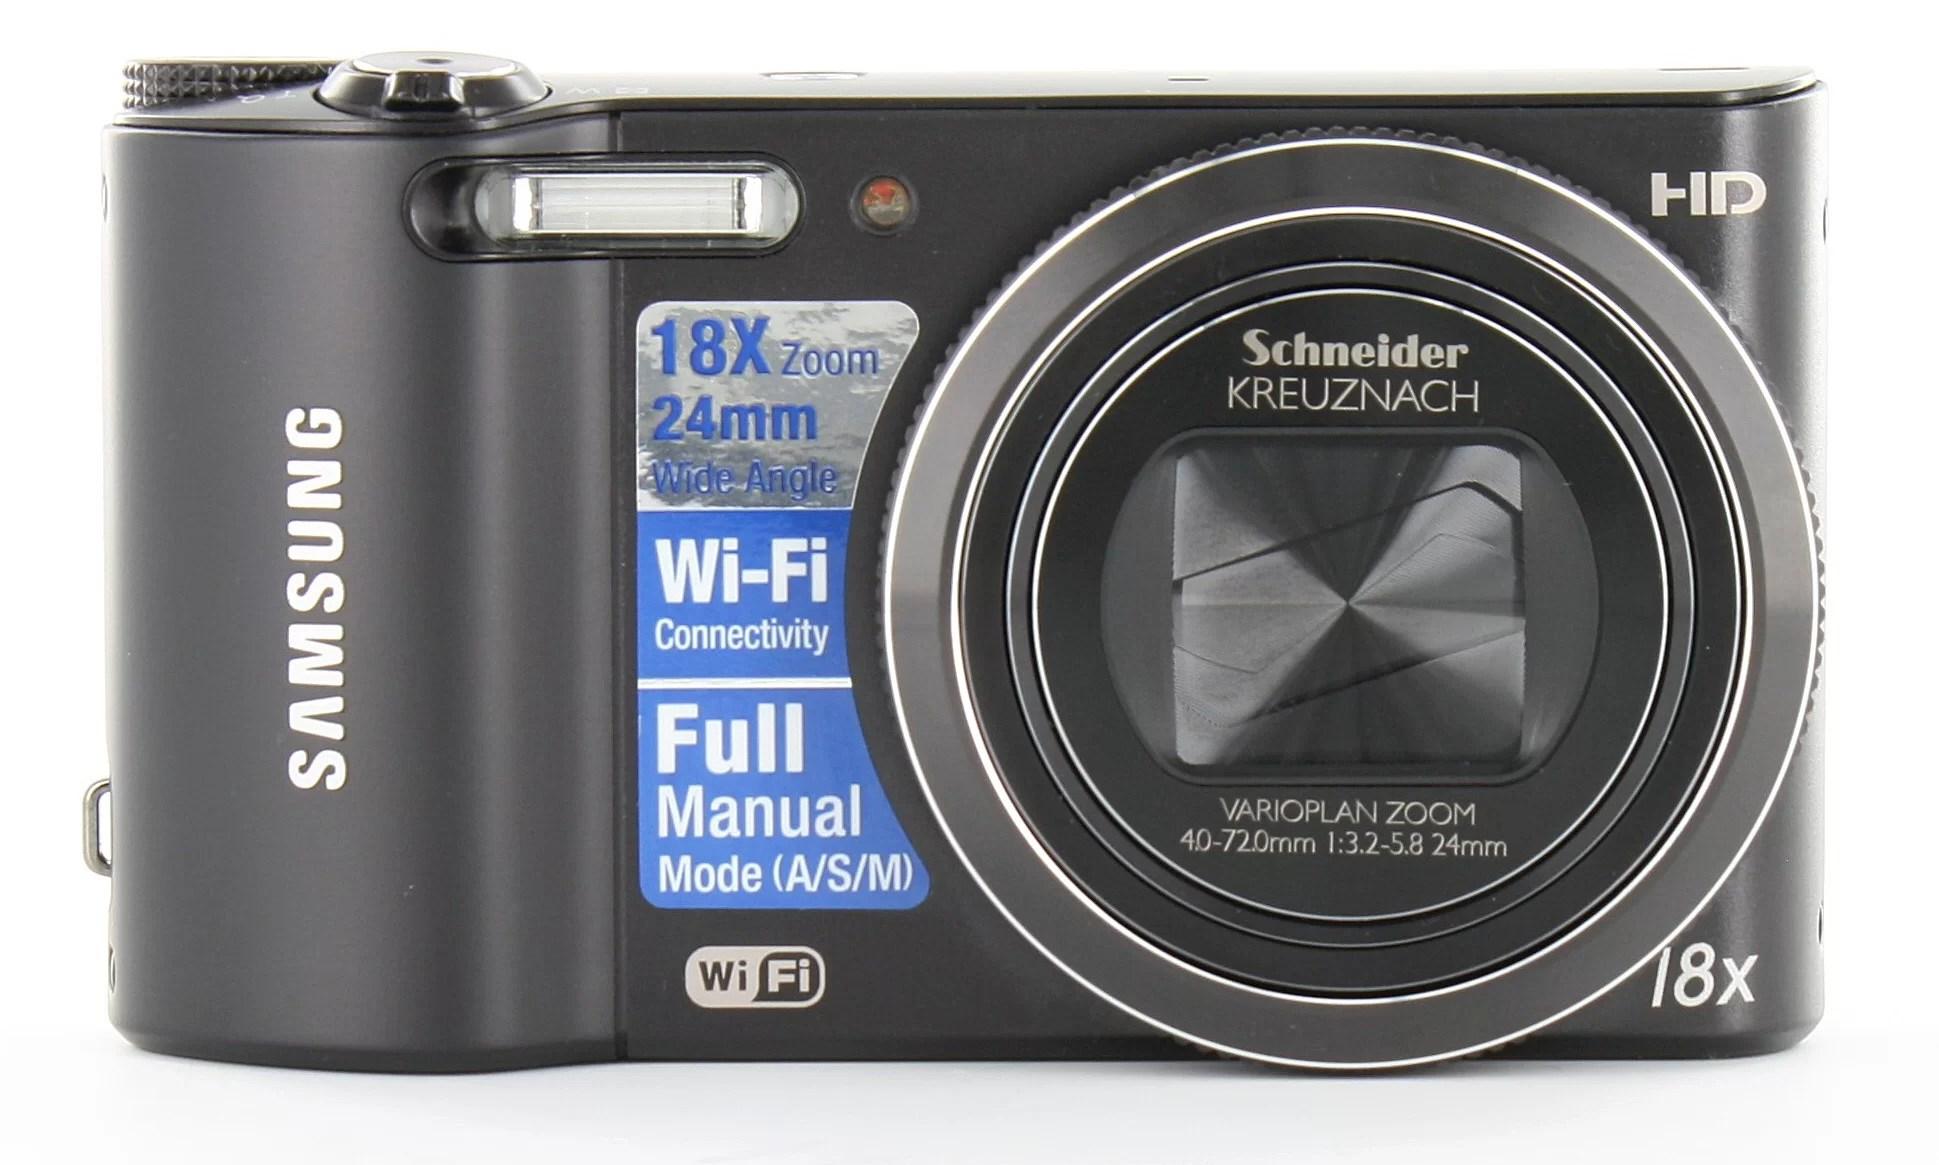 samsung wb150f digital camera hashmi photos rh hashmiphotos com Samsung WB150F Specs Samsung WB150F Camera Charger